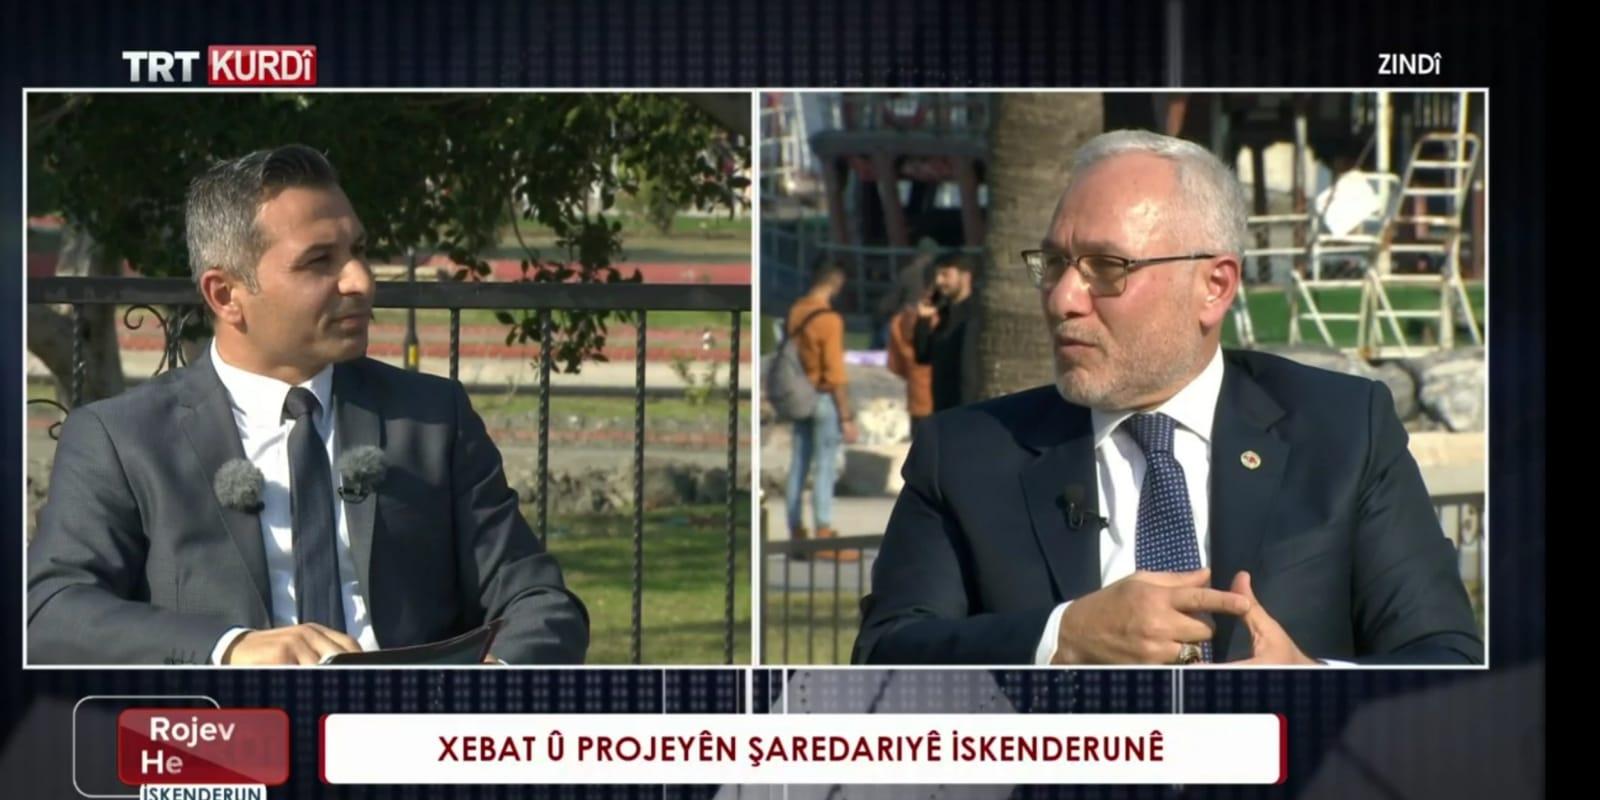 İskenderun Belediye Başkanı Fatih Tosyalı, TRT Kurdî'ye Konuk Oldu